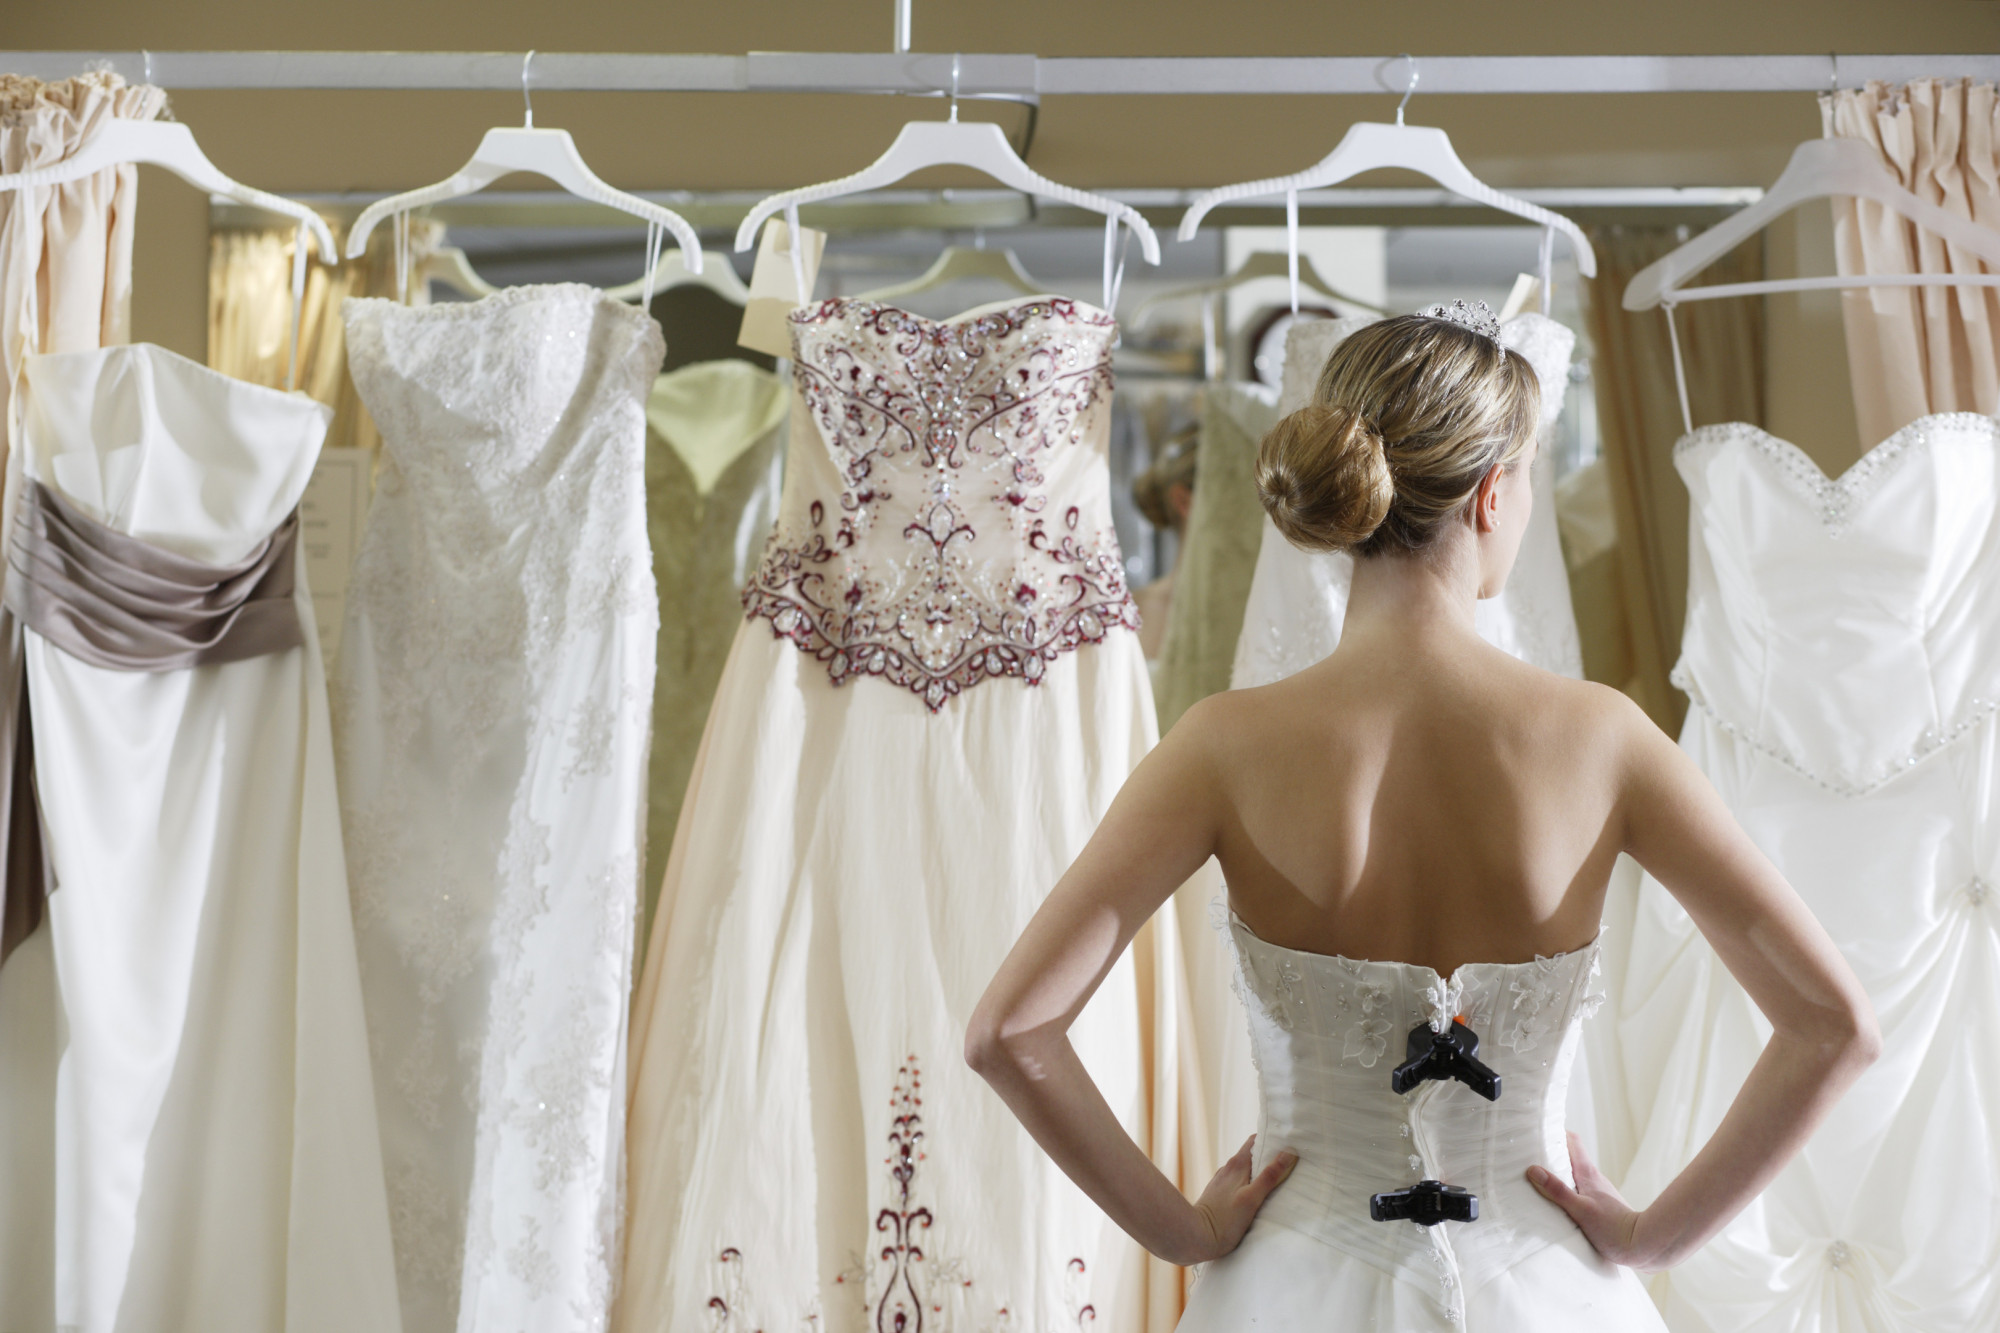 Lựa chọn một bộ váy cưới phù hợp cho mình luôn là một nhiệm vụ làm đau đầu các cô dâu sắp cưới - Ảnh: Getty